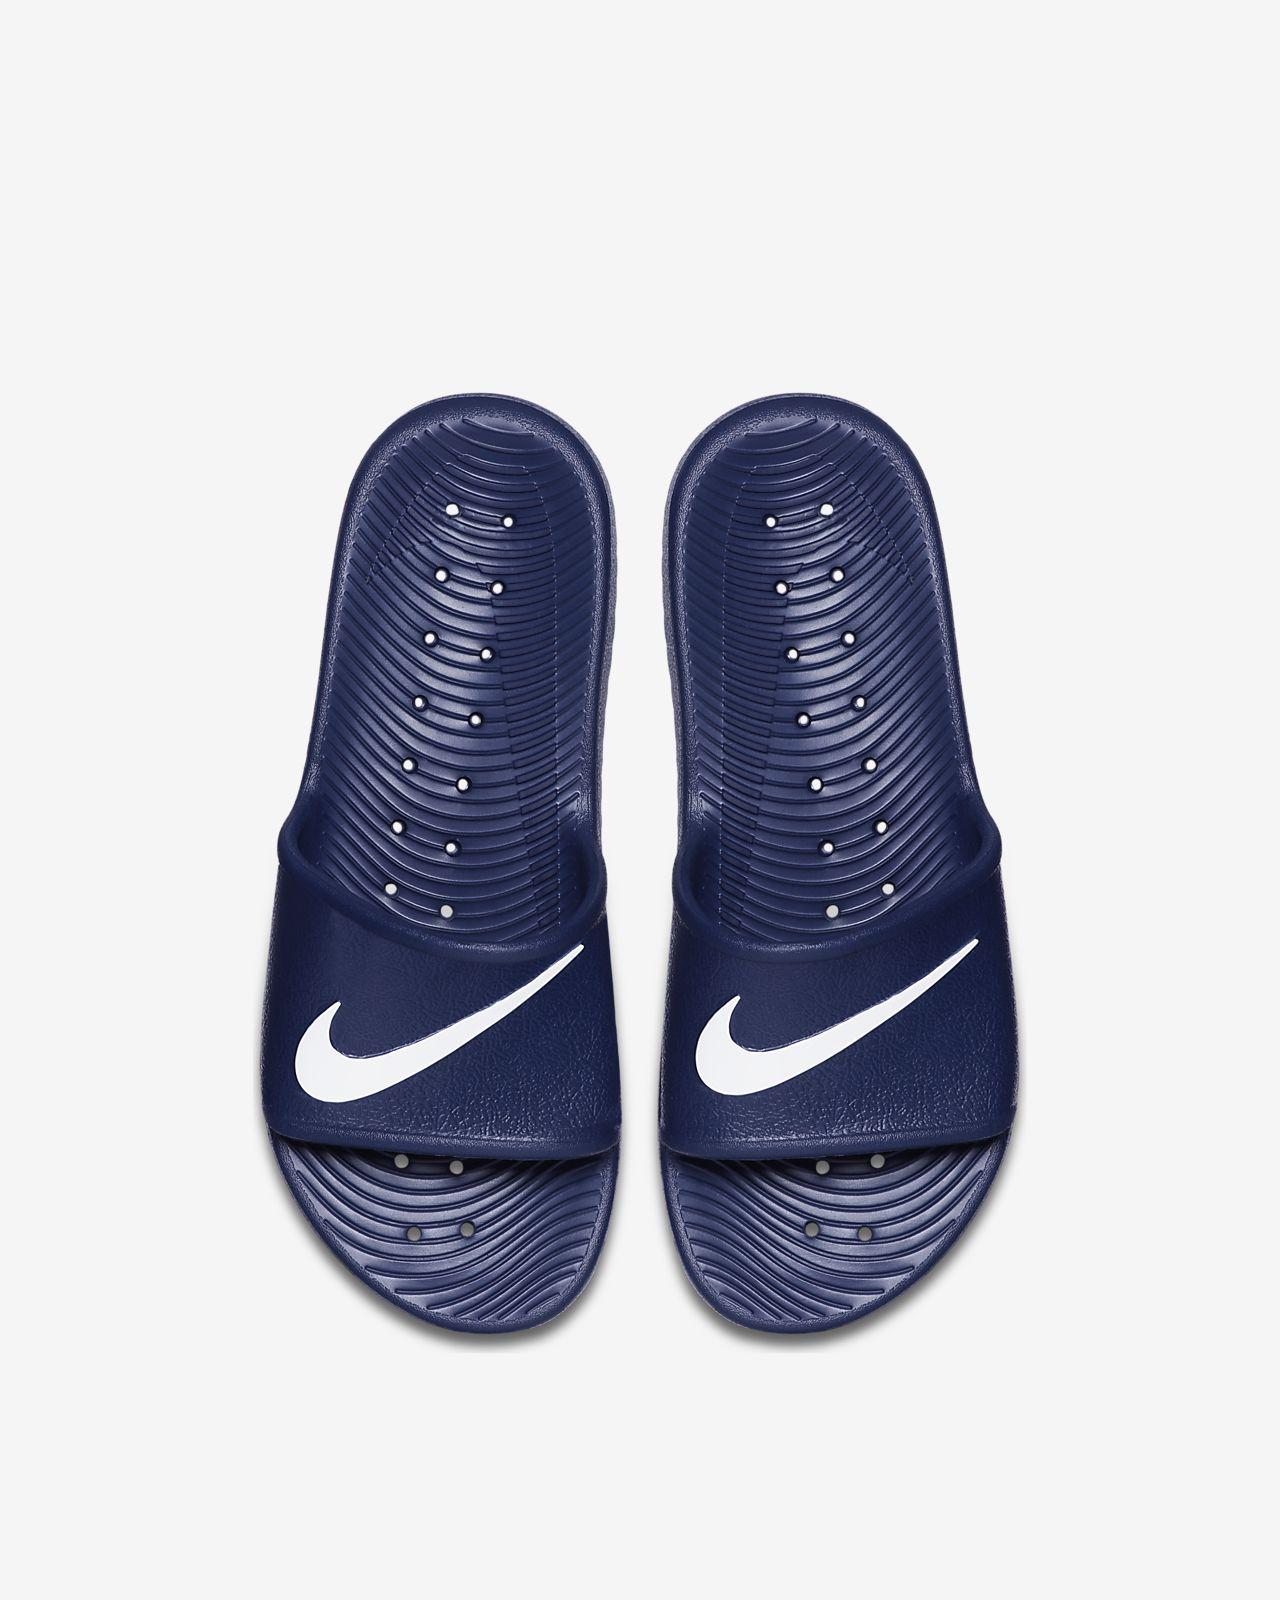 Nike Kawa Men's Shower Slide